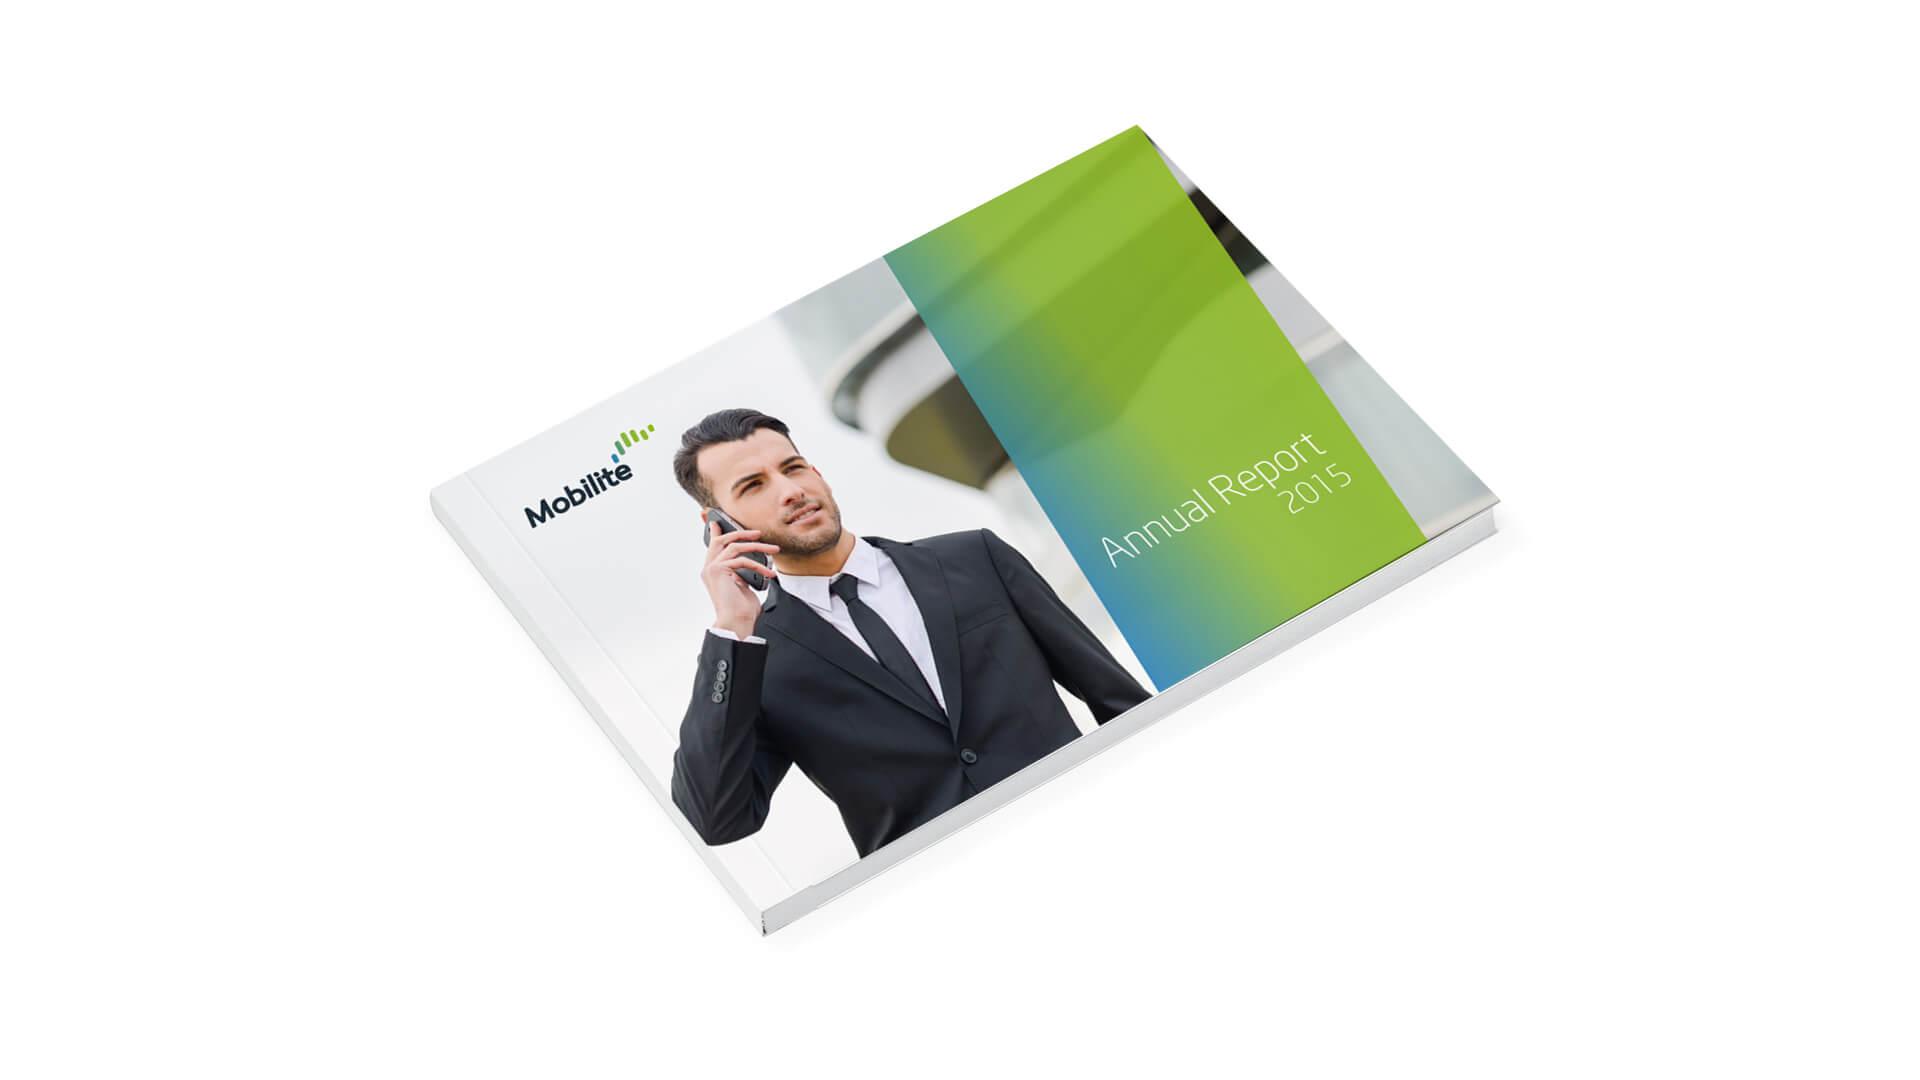 mobilite-book2